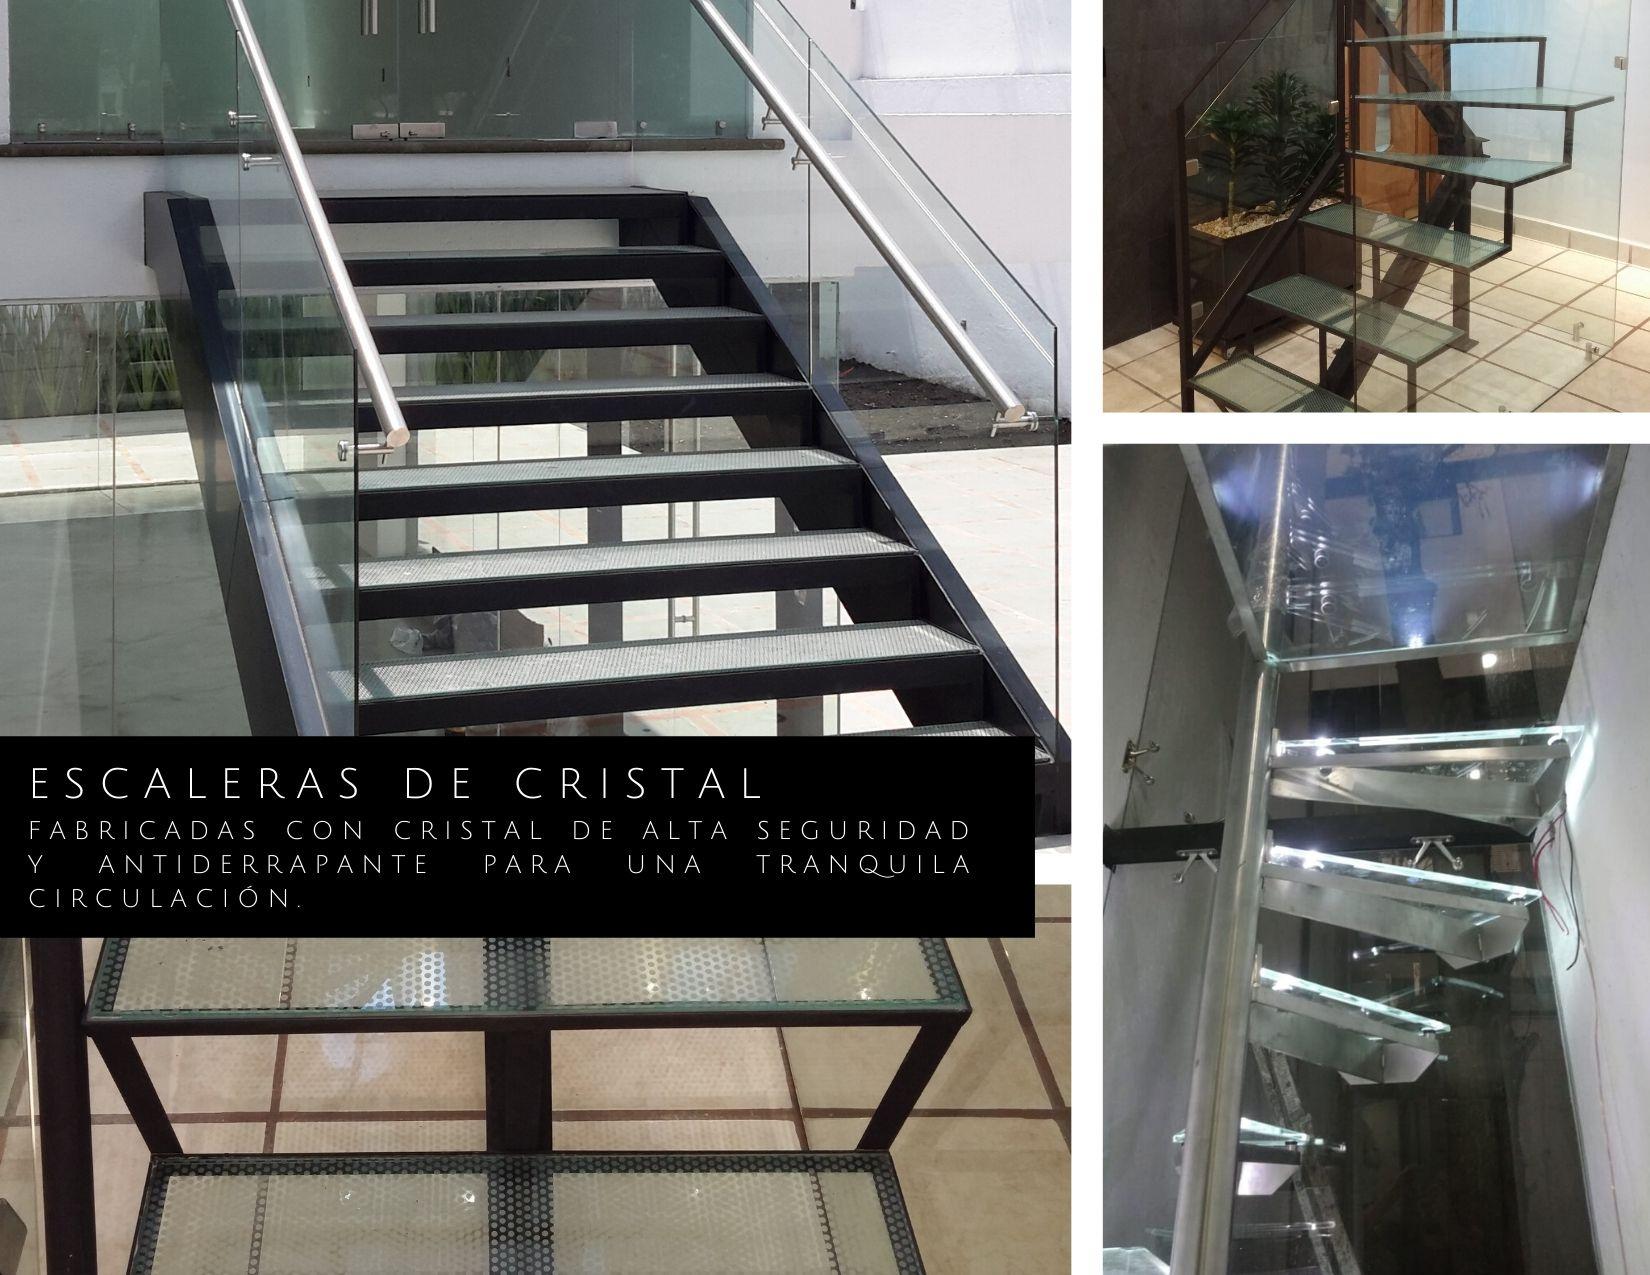 Escaleras de cristal